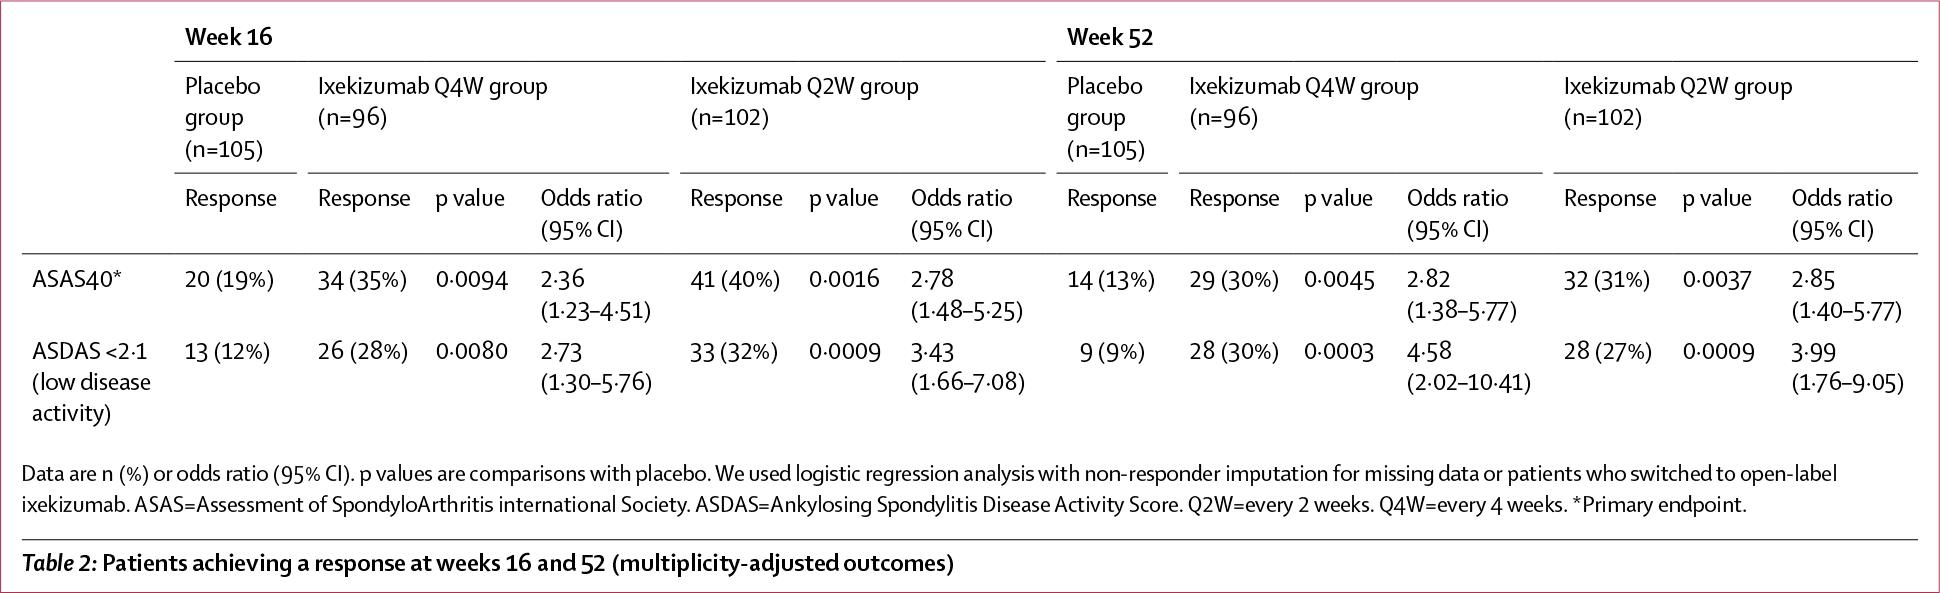 nct02757352 results 02 - «Талс» одобрен в терапии нерентгенографического аксиального спондилоартрита